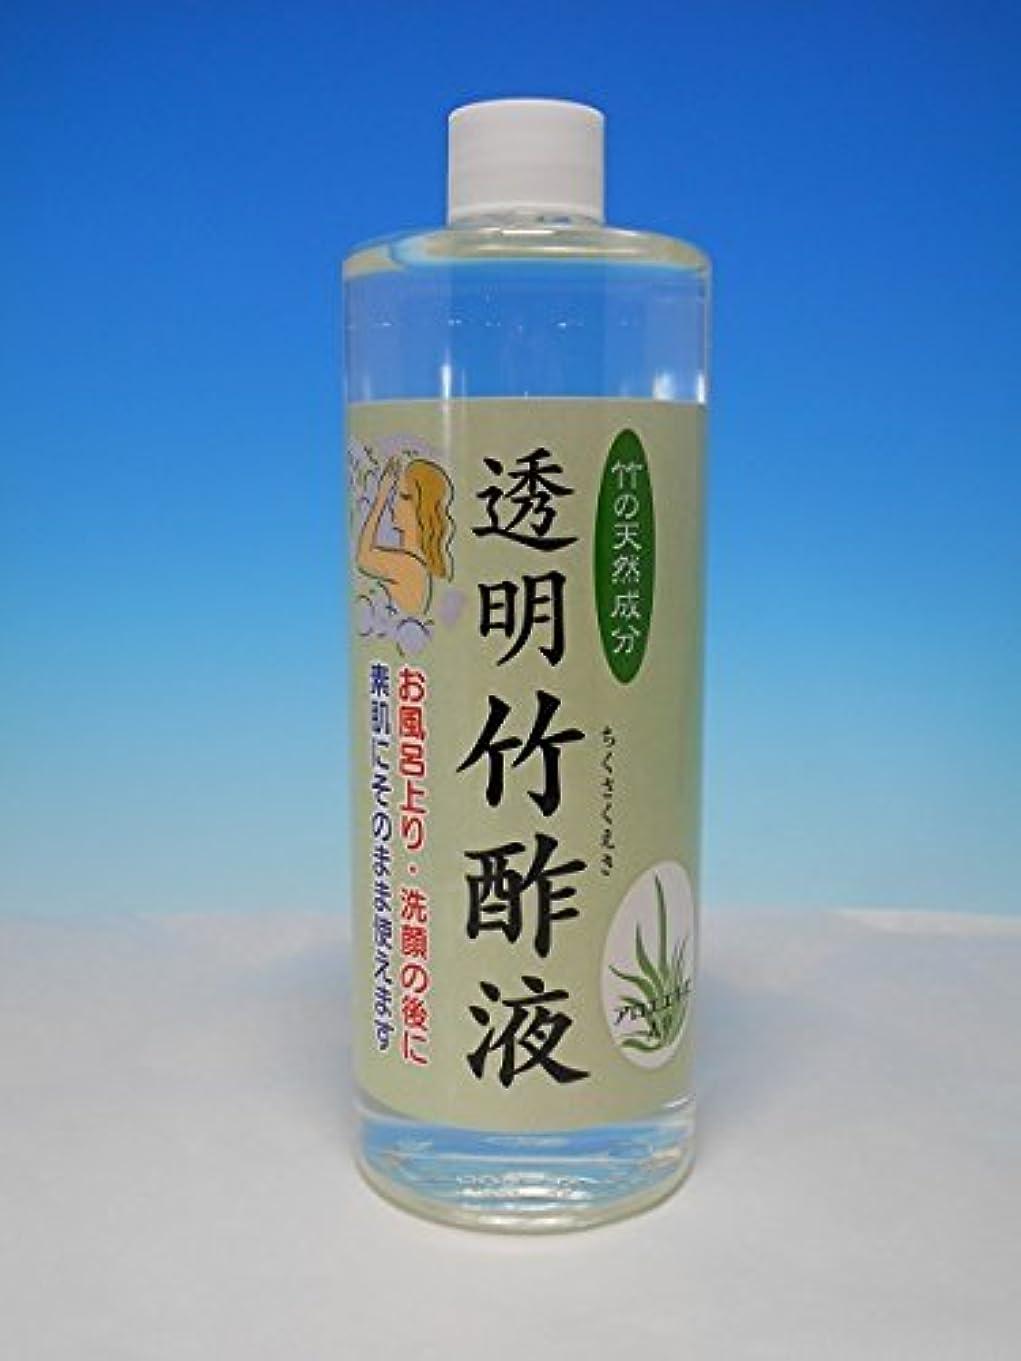 森初期崖透明竹酢液 500ml 素肌に使える化粧水タイプの竹酢液